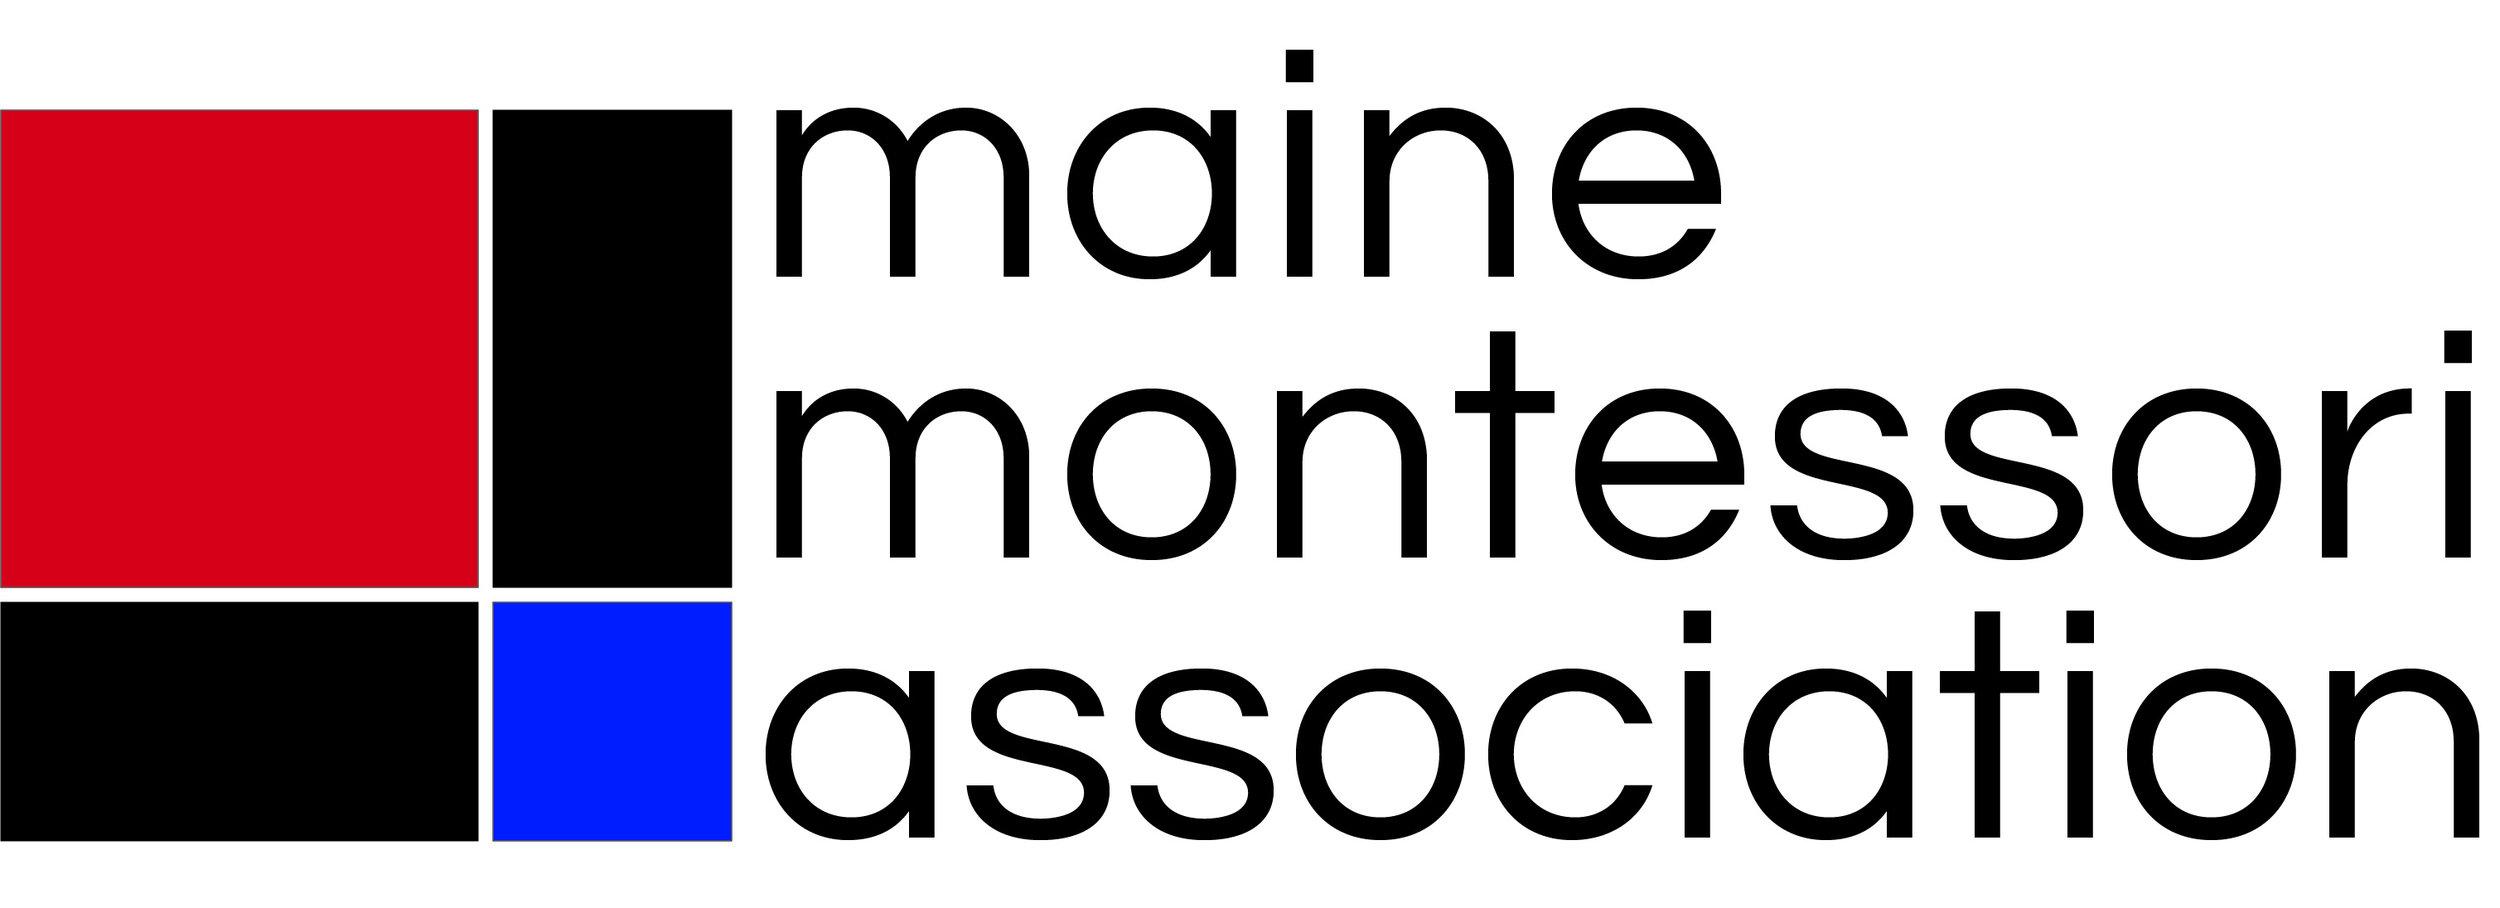 mma-logo-full.jpg